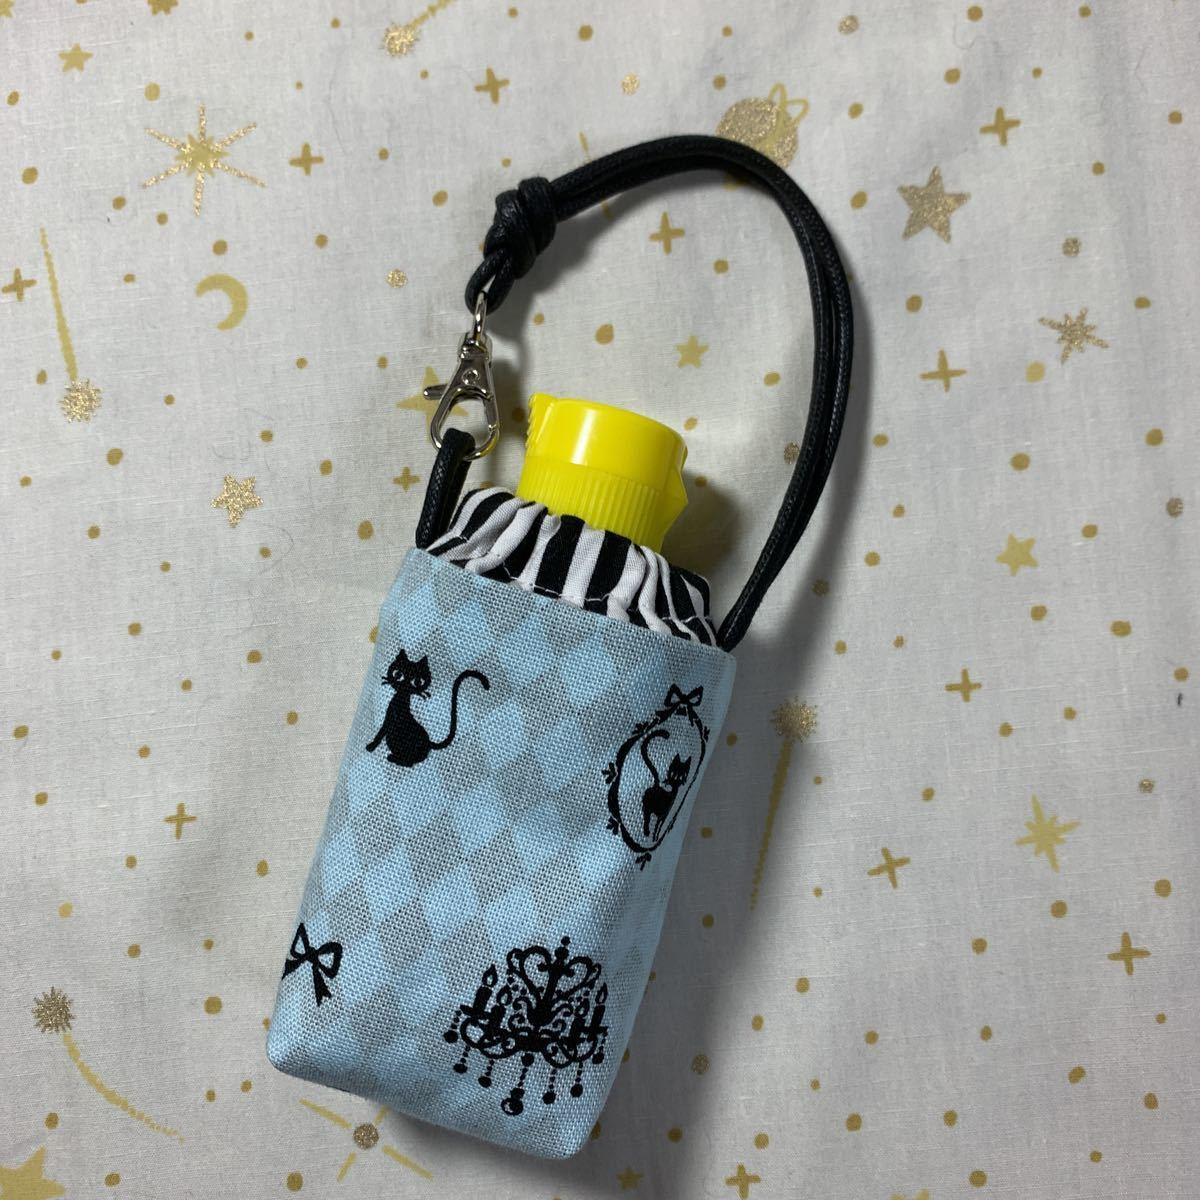 ハンドメイド♪ 手ピカジェル用ケース054 綿麻黒猫柄 水色 ホルダーケース_画像1